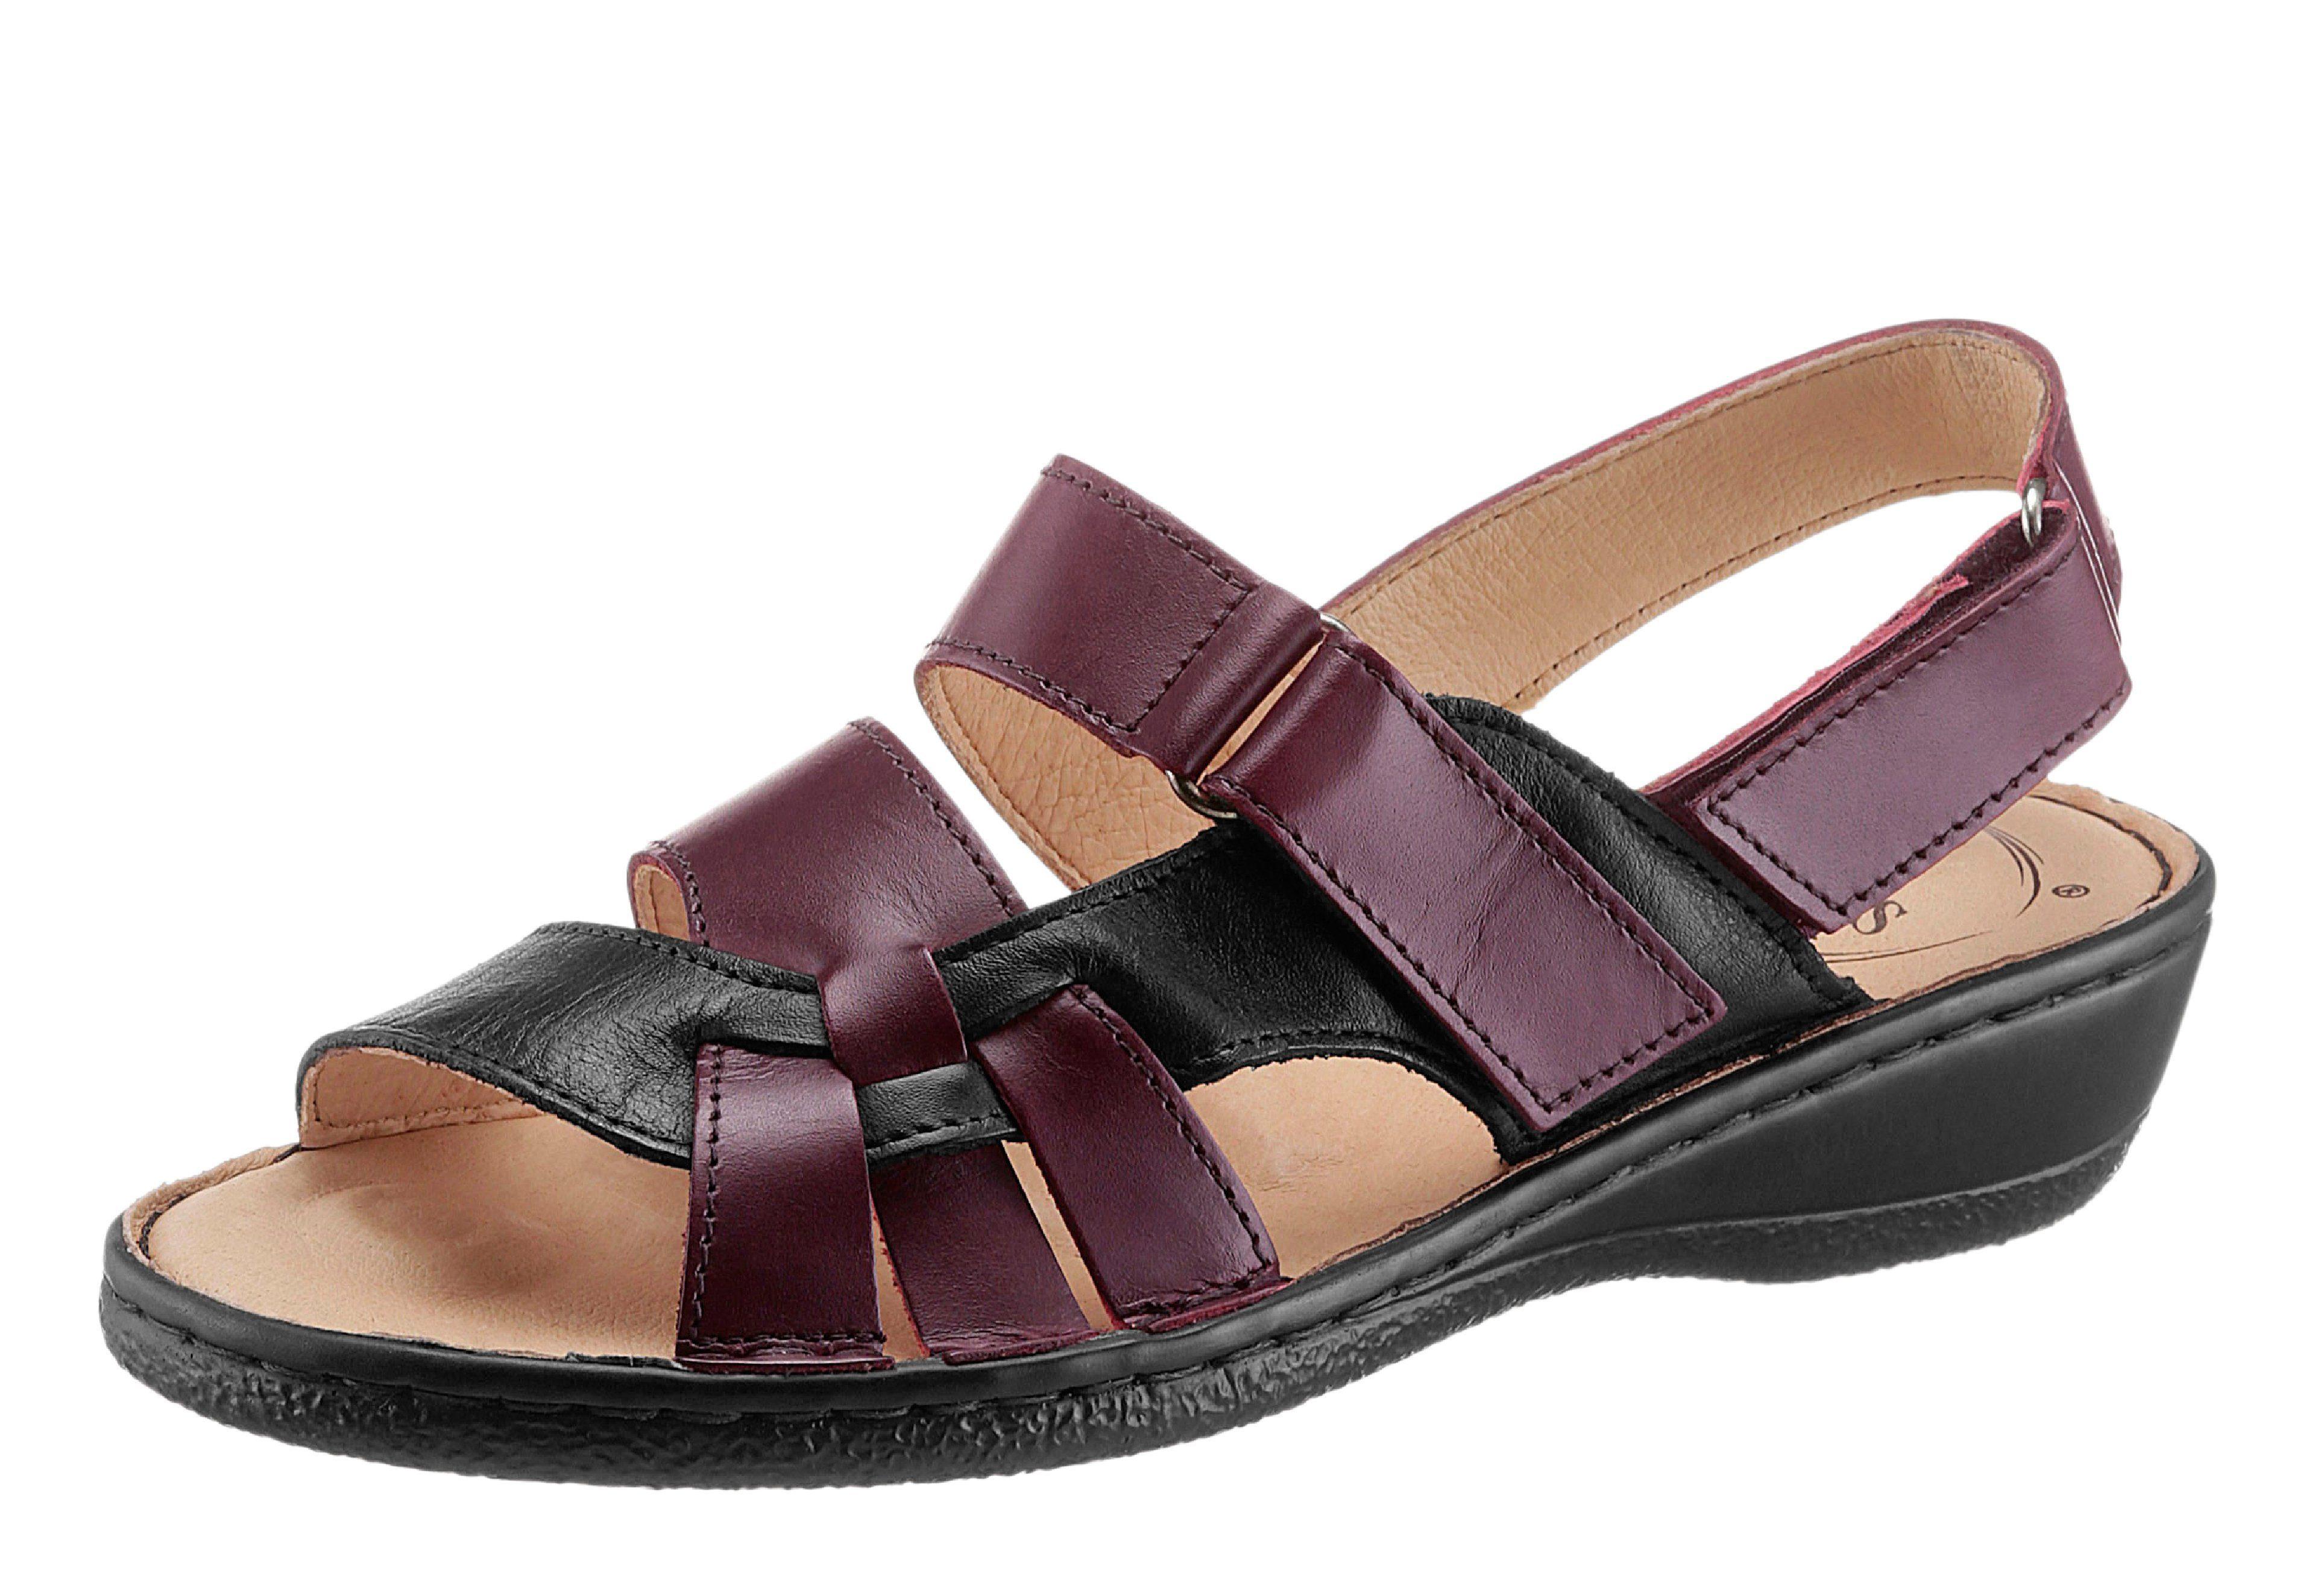 Classic Sandalette mit 5-Zonen-Fußbett kaufen  schwarz-bordeaux